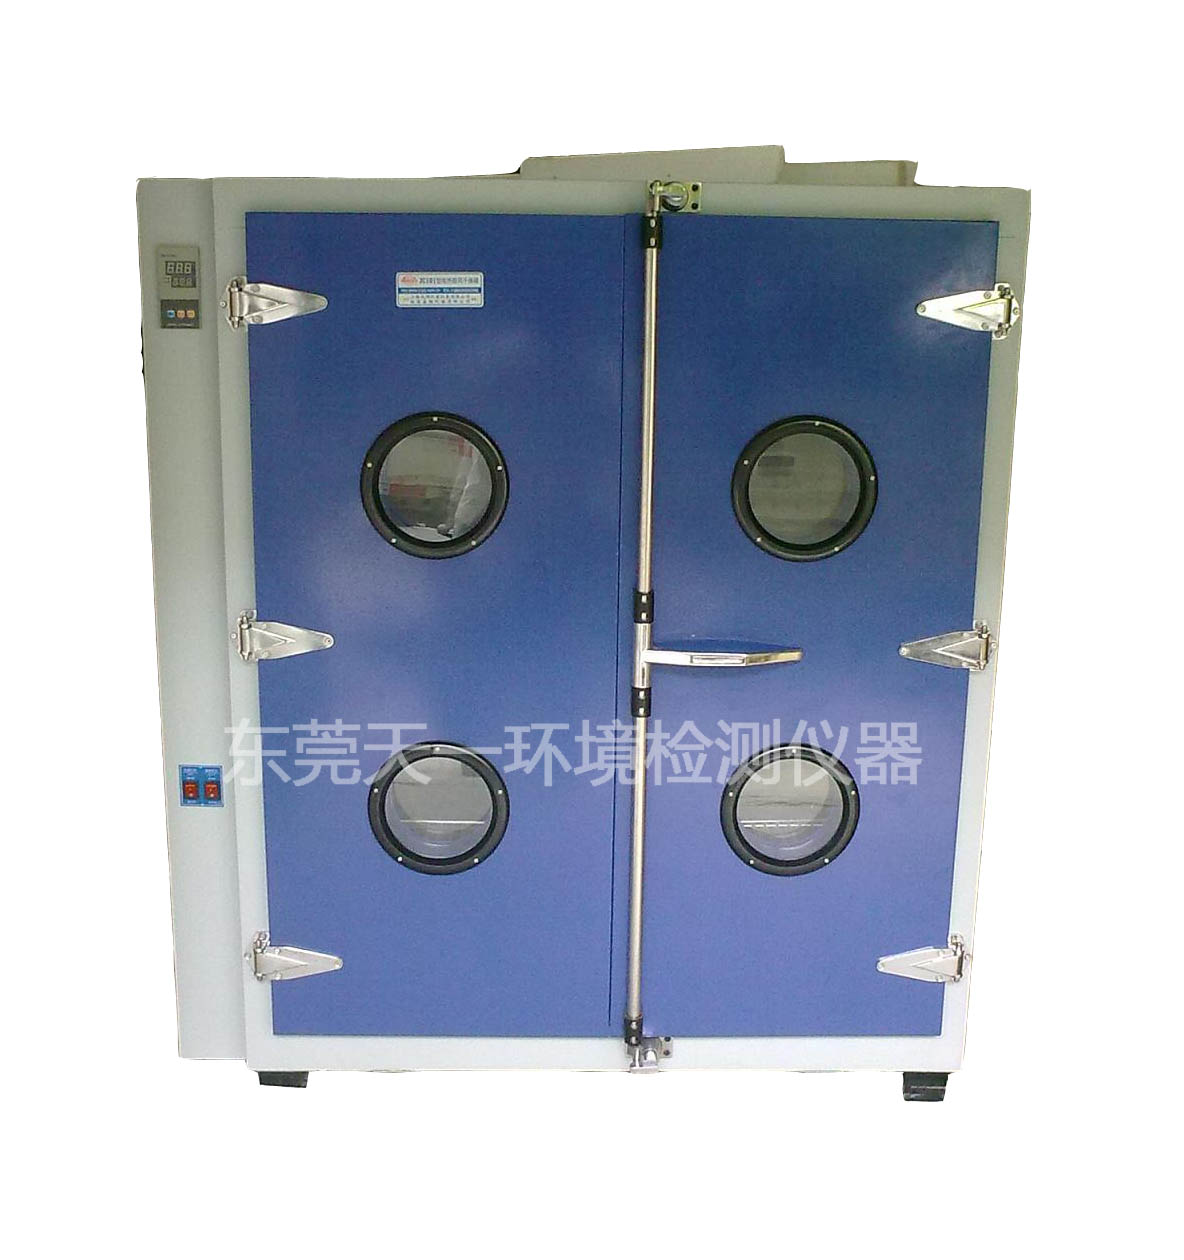 供应全国各省市真空干燥箱工业烤箱结构简介: 1、内胆为进口(SUS304)优质镜面不锈钢板。 2、外胆均采用优质(t=1mm)A3钢板数控机床加工成型,外壳表面进行喷塑处理,更显光洁、美观.(现 以升级为圆弧型边角) 3、保温材质:高密度玻璃纤维棉.保温厚度为80mm 4、搅拌系统:采用长轴风扇电机,耐高低温之不锈钢多翼式叶轮,以达强度对流垂直扩散循环.